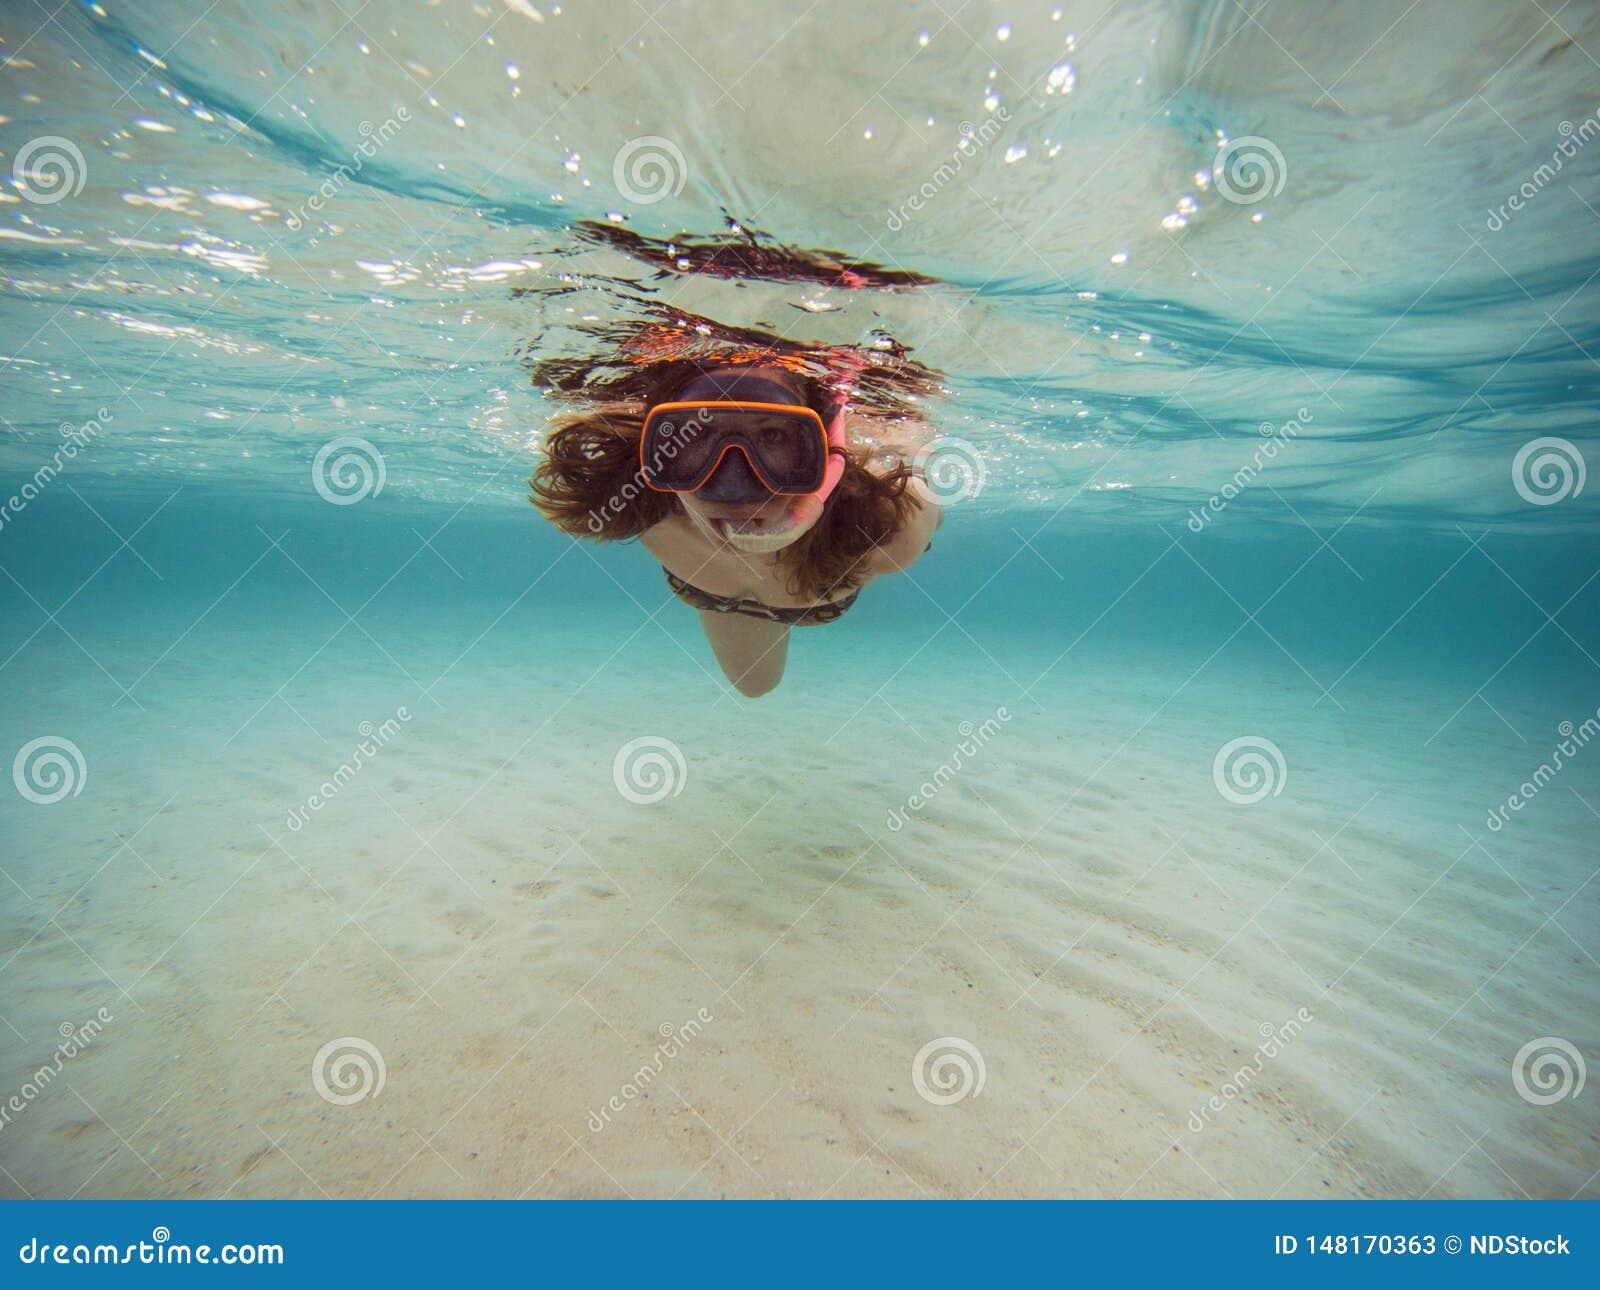 Nuoto della giovane donna e immergersi con la maschera e le alette in chiara acqua blu